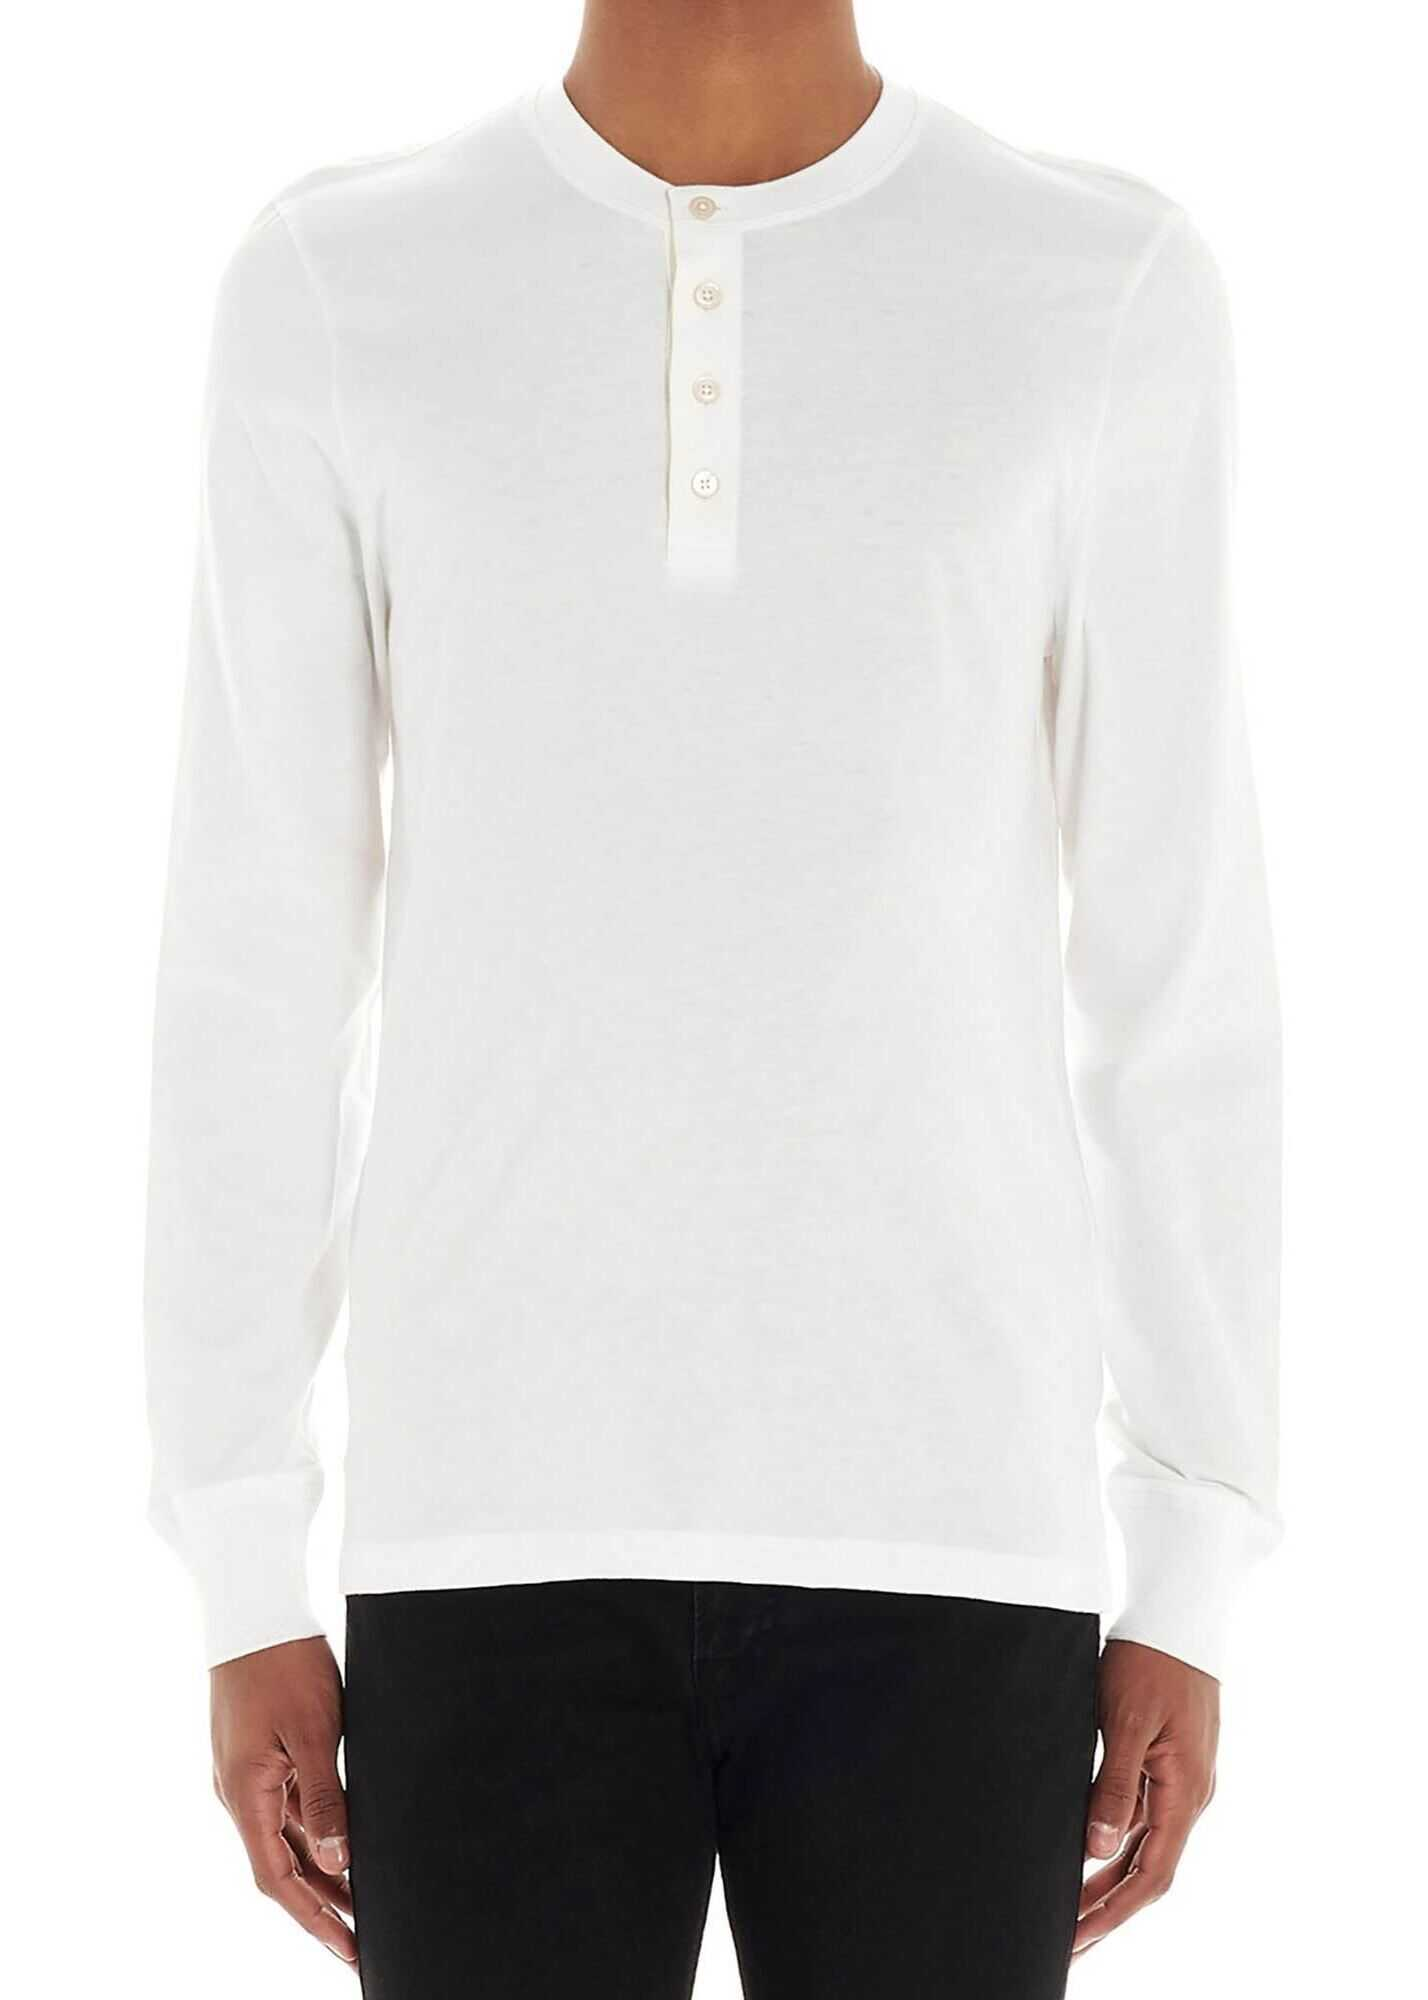 Tom Ford Henley T-Shirt In White White imagine